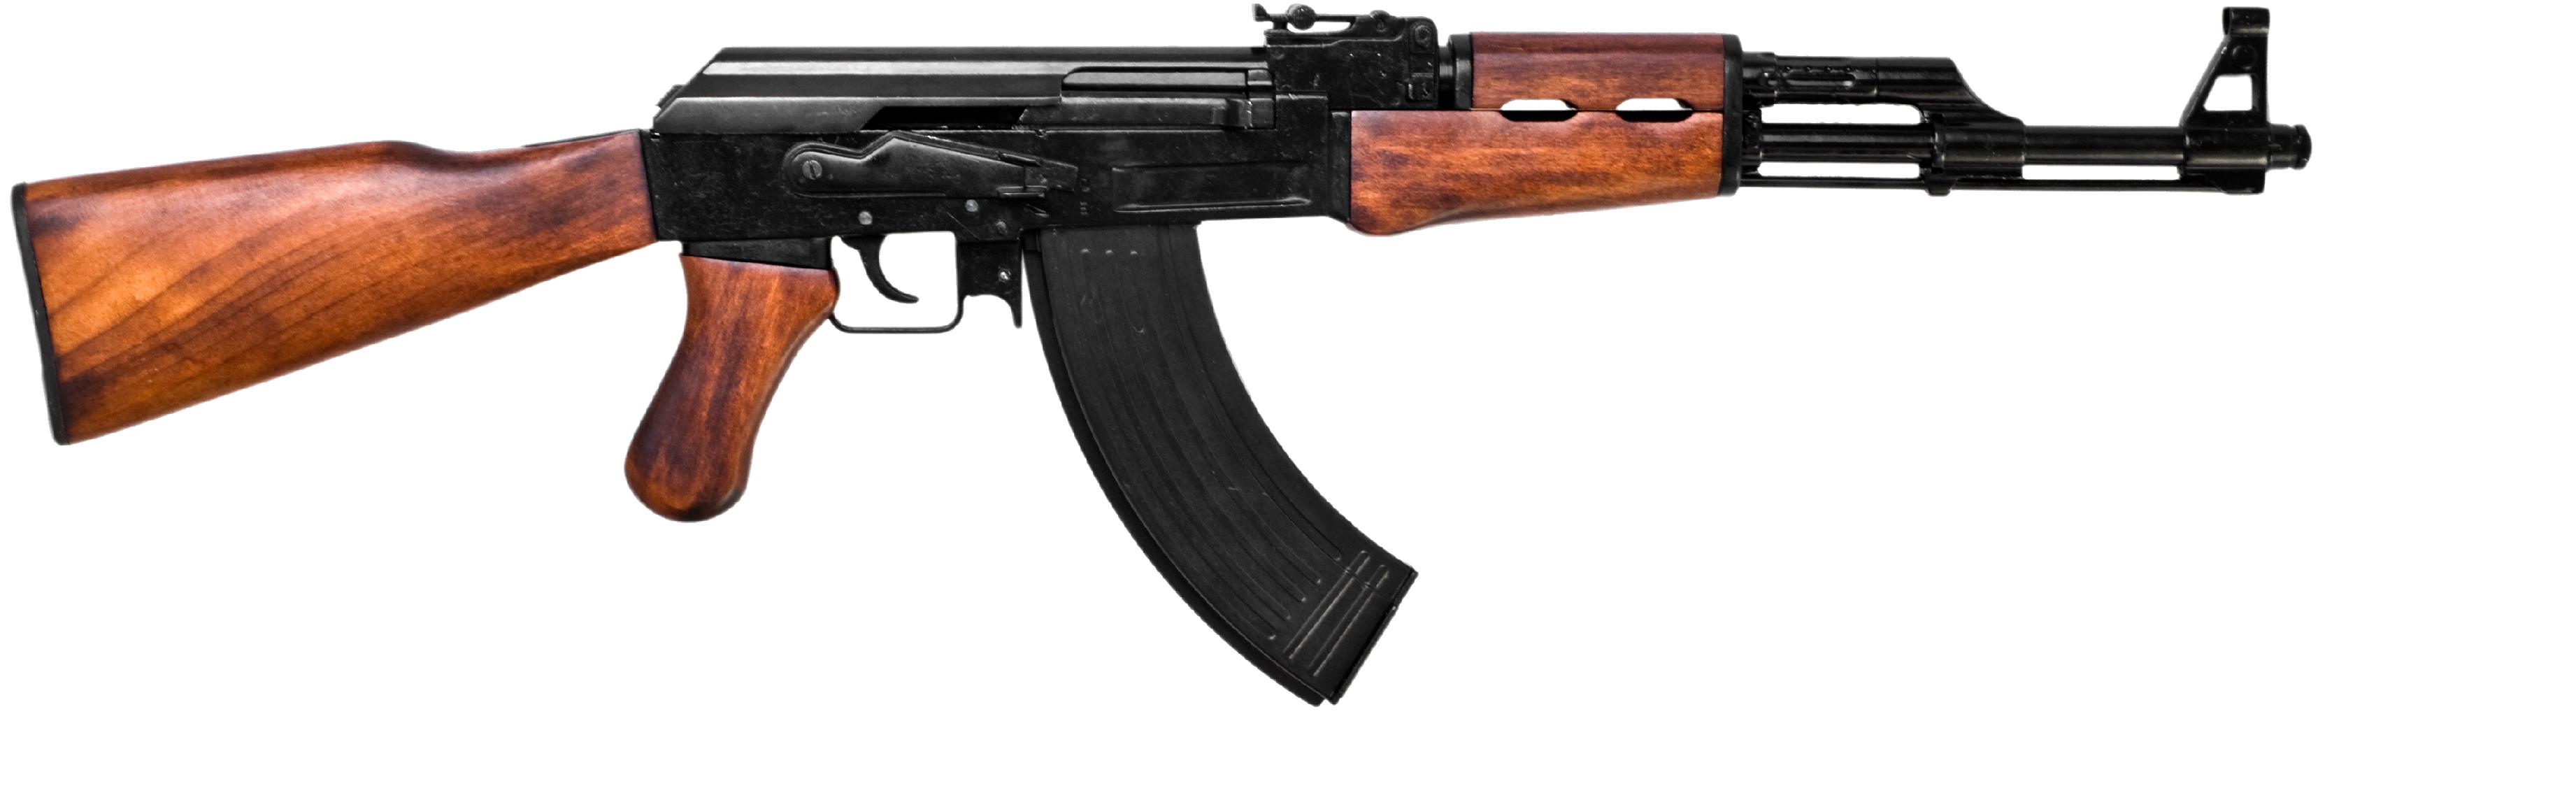 Ak 47, Png Photo, Assault Rifle, Weapons, Clip Art, Guns.